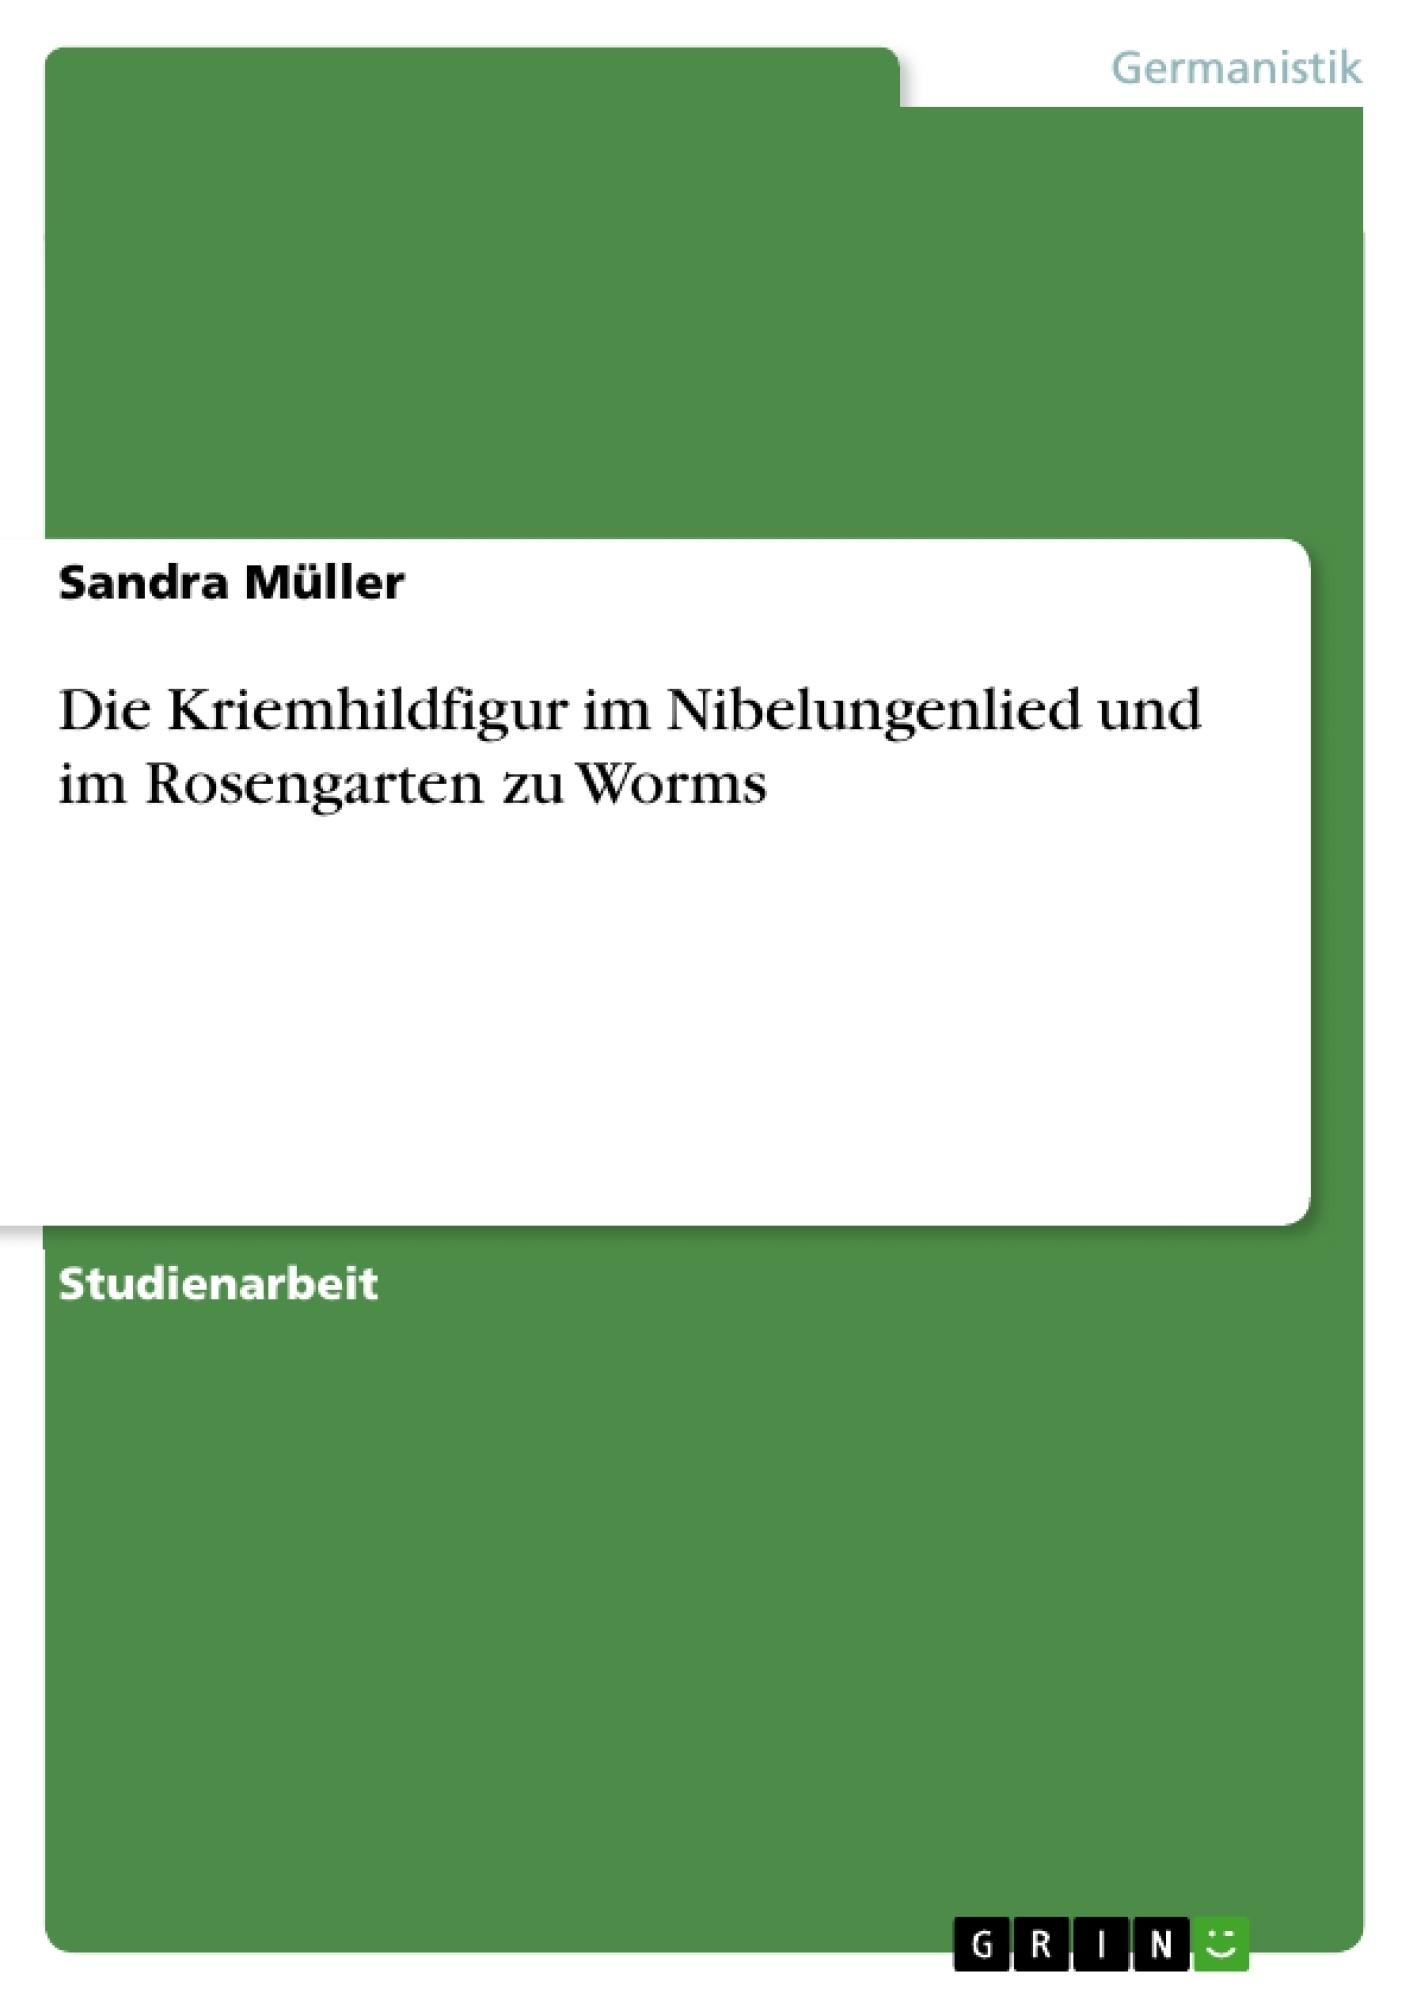 Titel: Die Kriemhildfigur im Nibelungenlied und im Rosengarten zu Worms